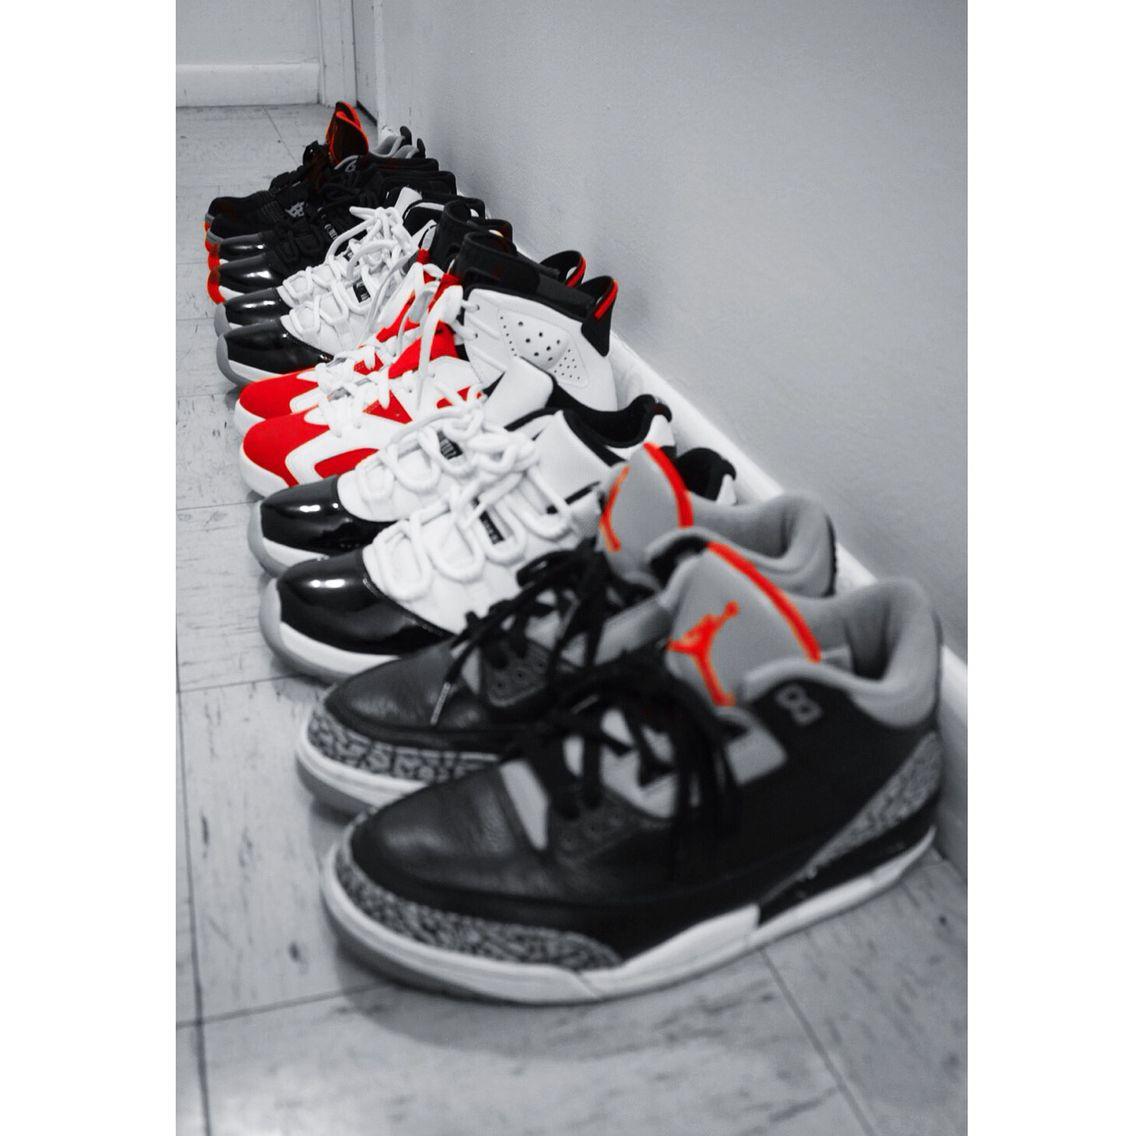 """Air Jordan Retro 3s """"Black Cement""""  11s Low """"Concord"""" 6s """"Carmine"""" 11s Mid """"Concord"""" 11s Mid """"Bred"""" 4s """"️Bred"""""""